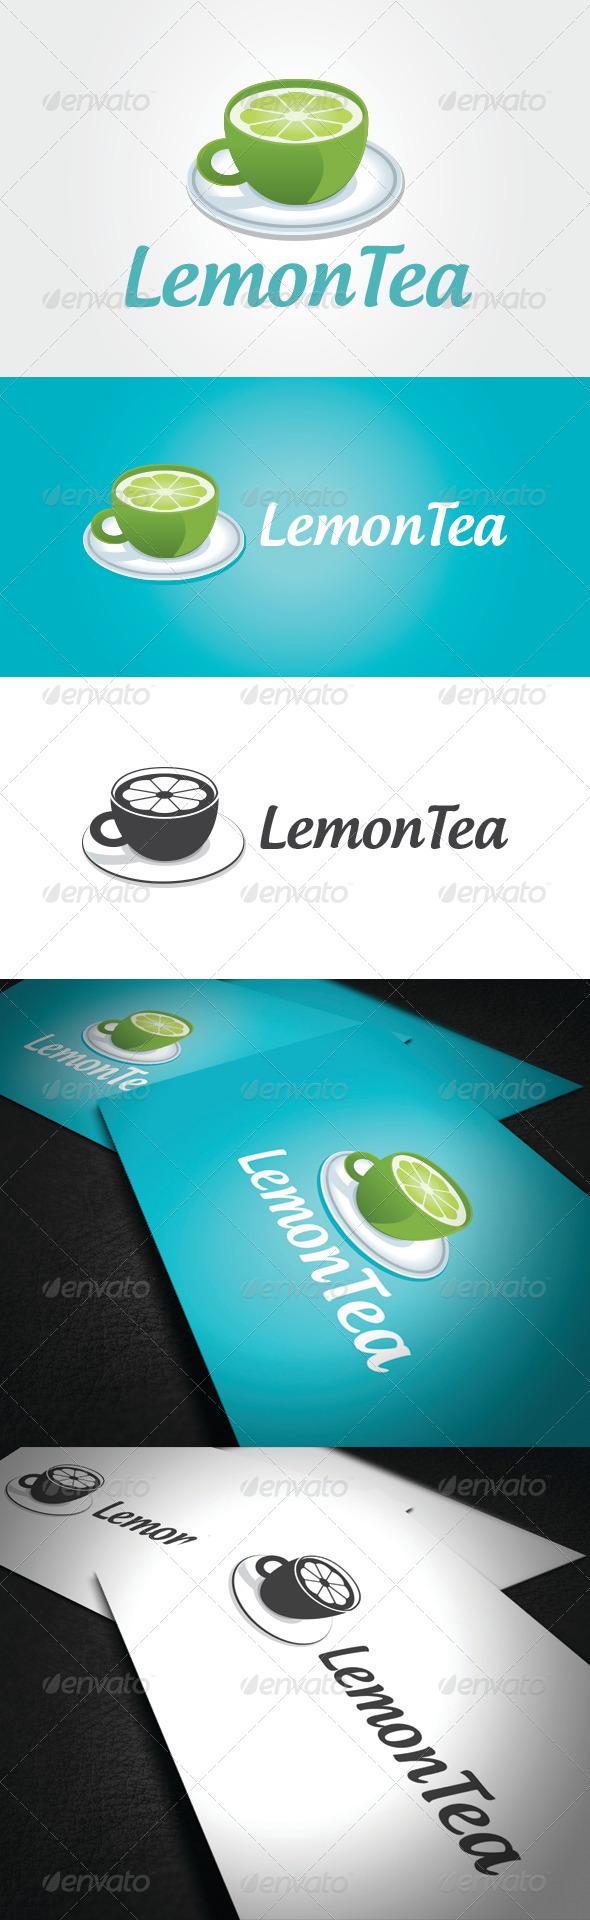 Lemon Tea Logo Template